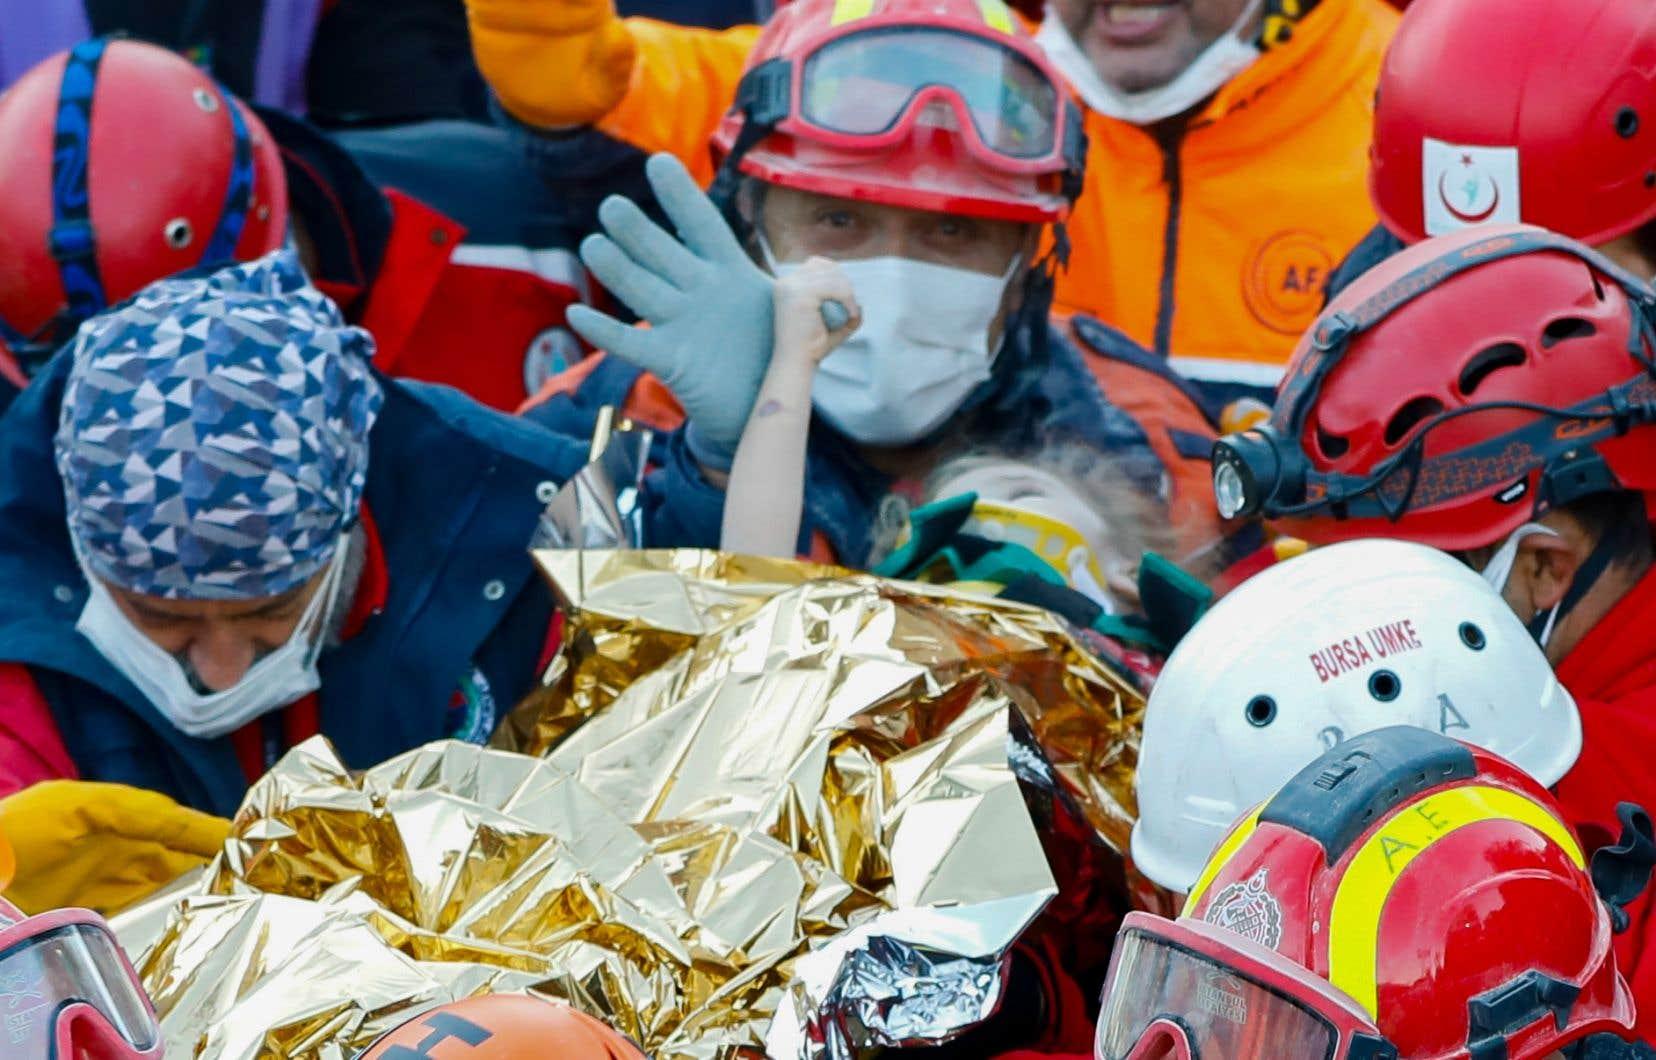 Une fillette de trois ans, Elif Perincek, enfouie sous les décombres d'un immeuble dans le district de Bayrakli, a été secourue 65 heures après le tremblement de terre et transportée à l'hôpital.